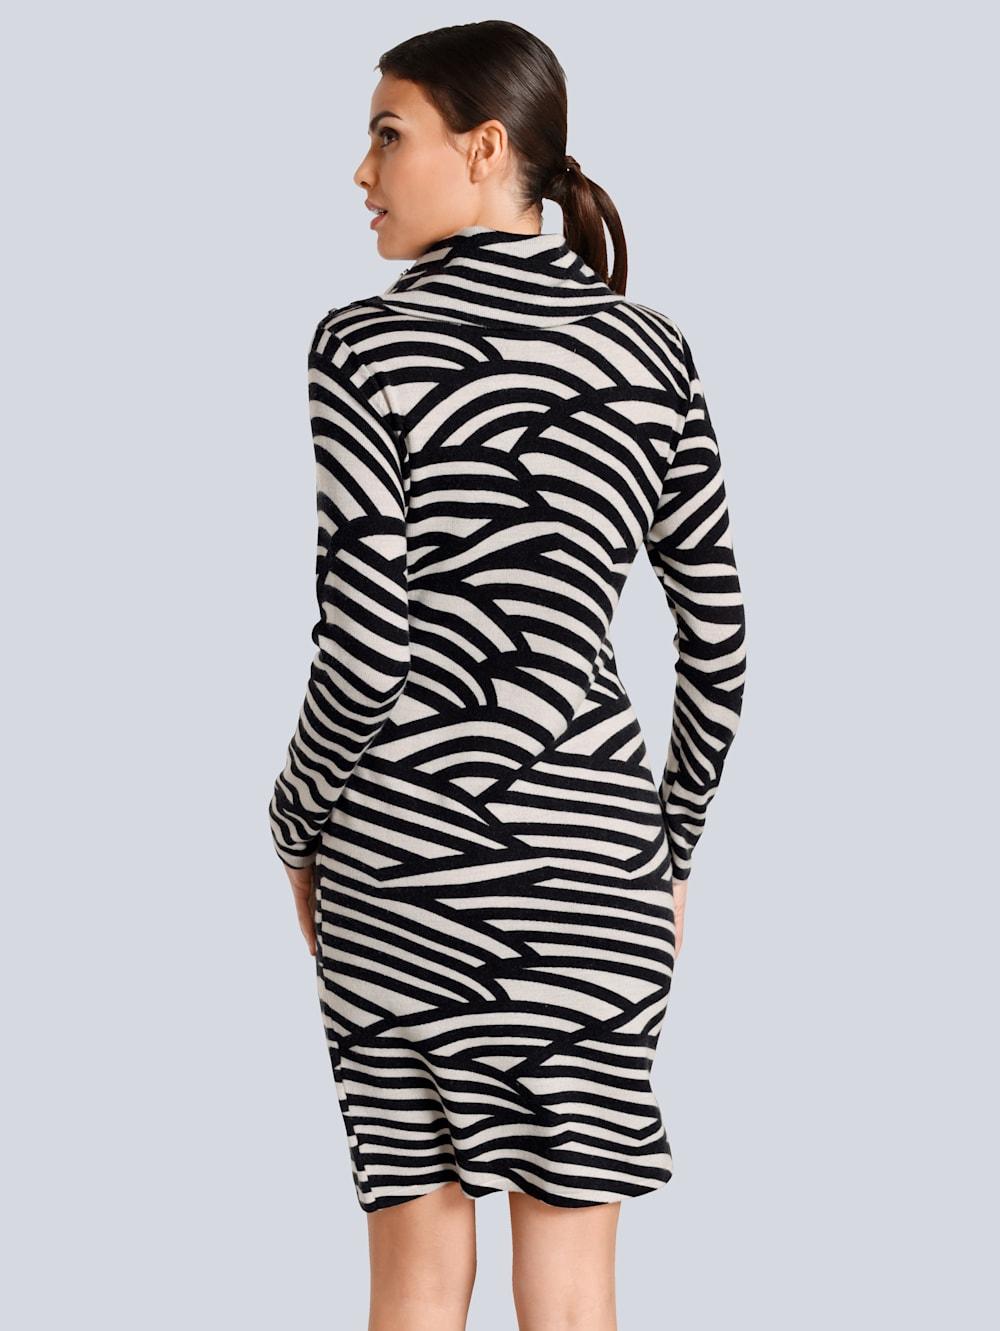 alba moda kleid in kuschelweicher qualität | alba moda